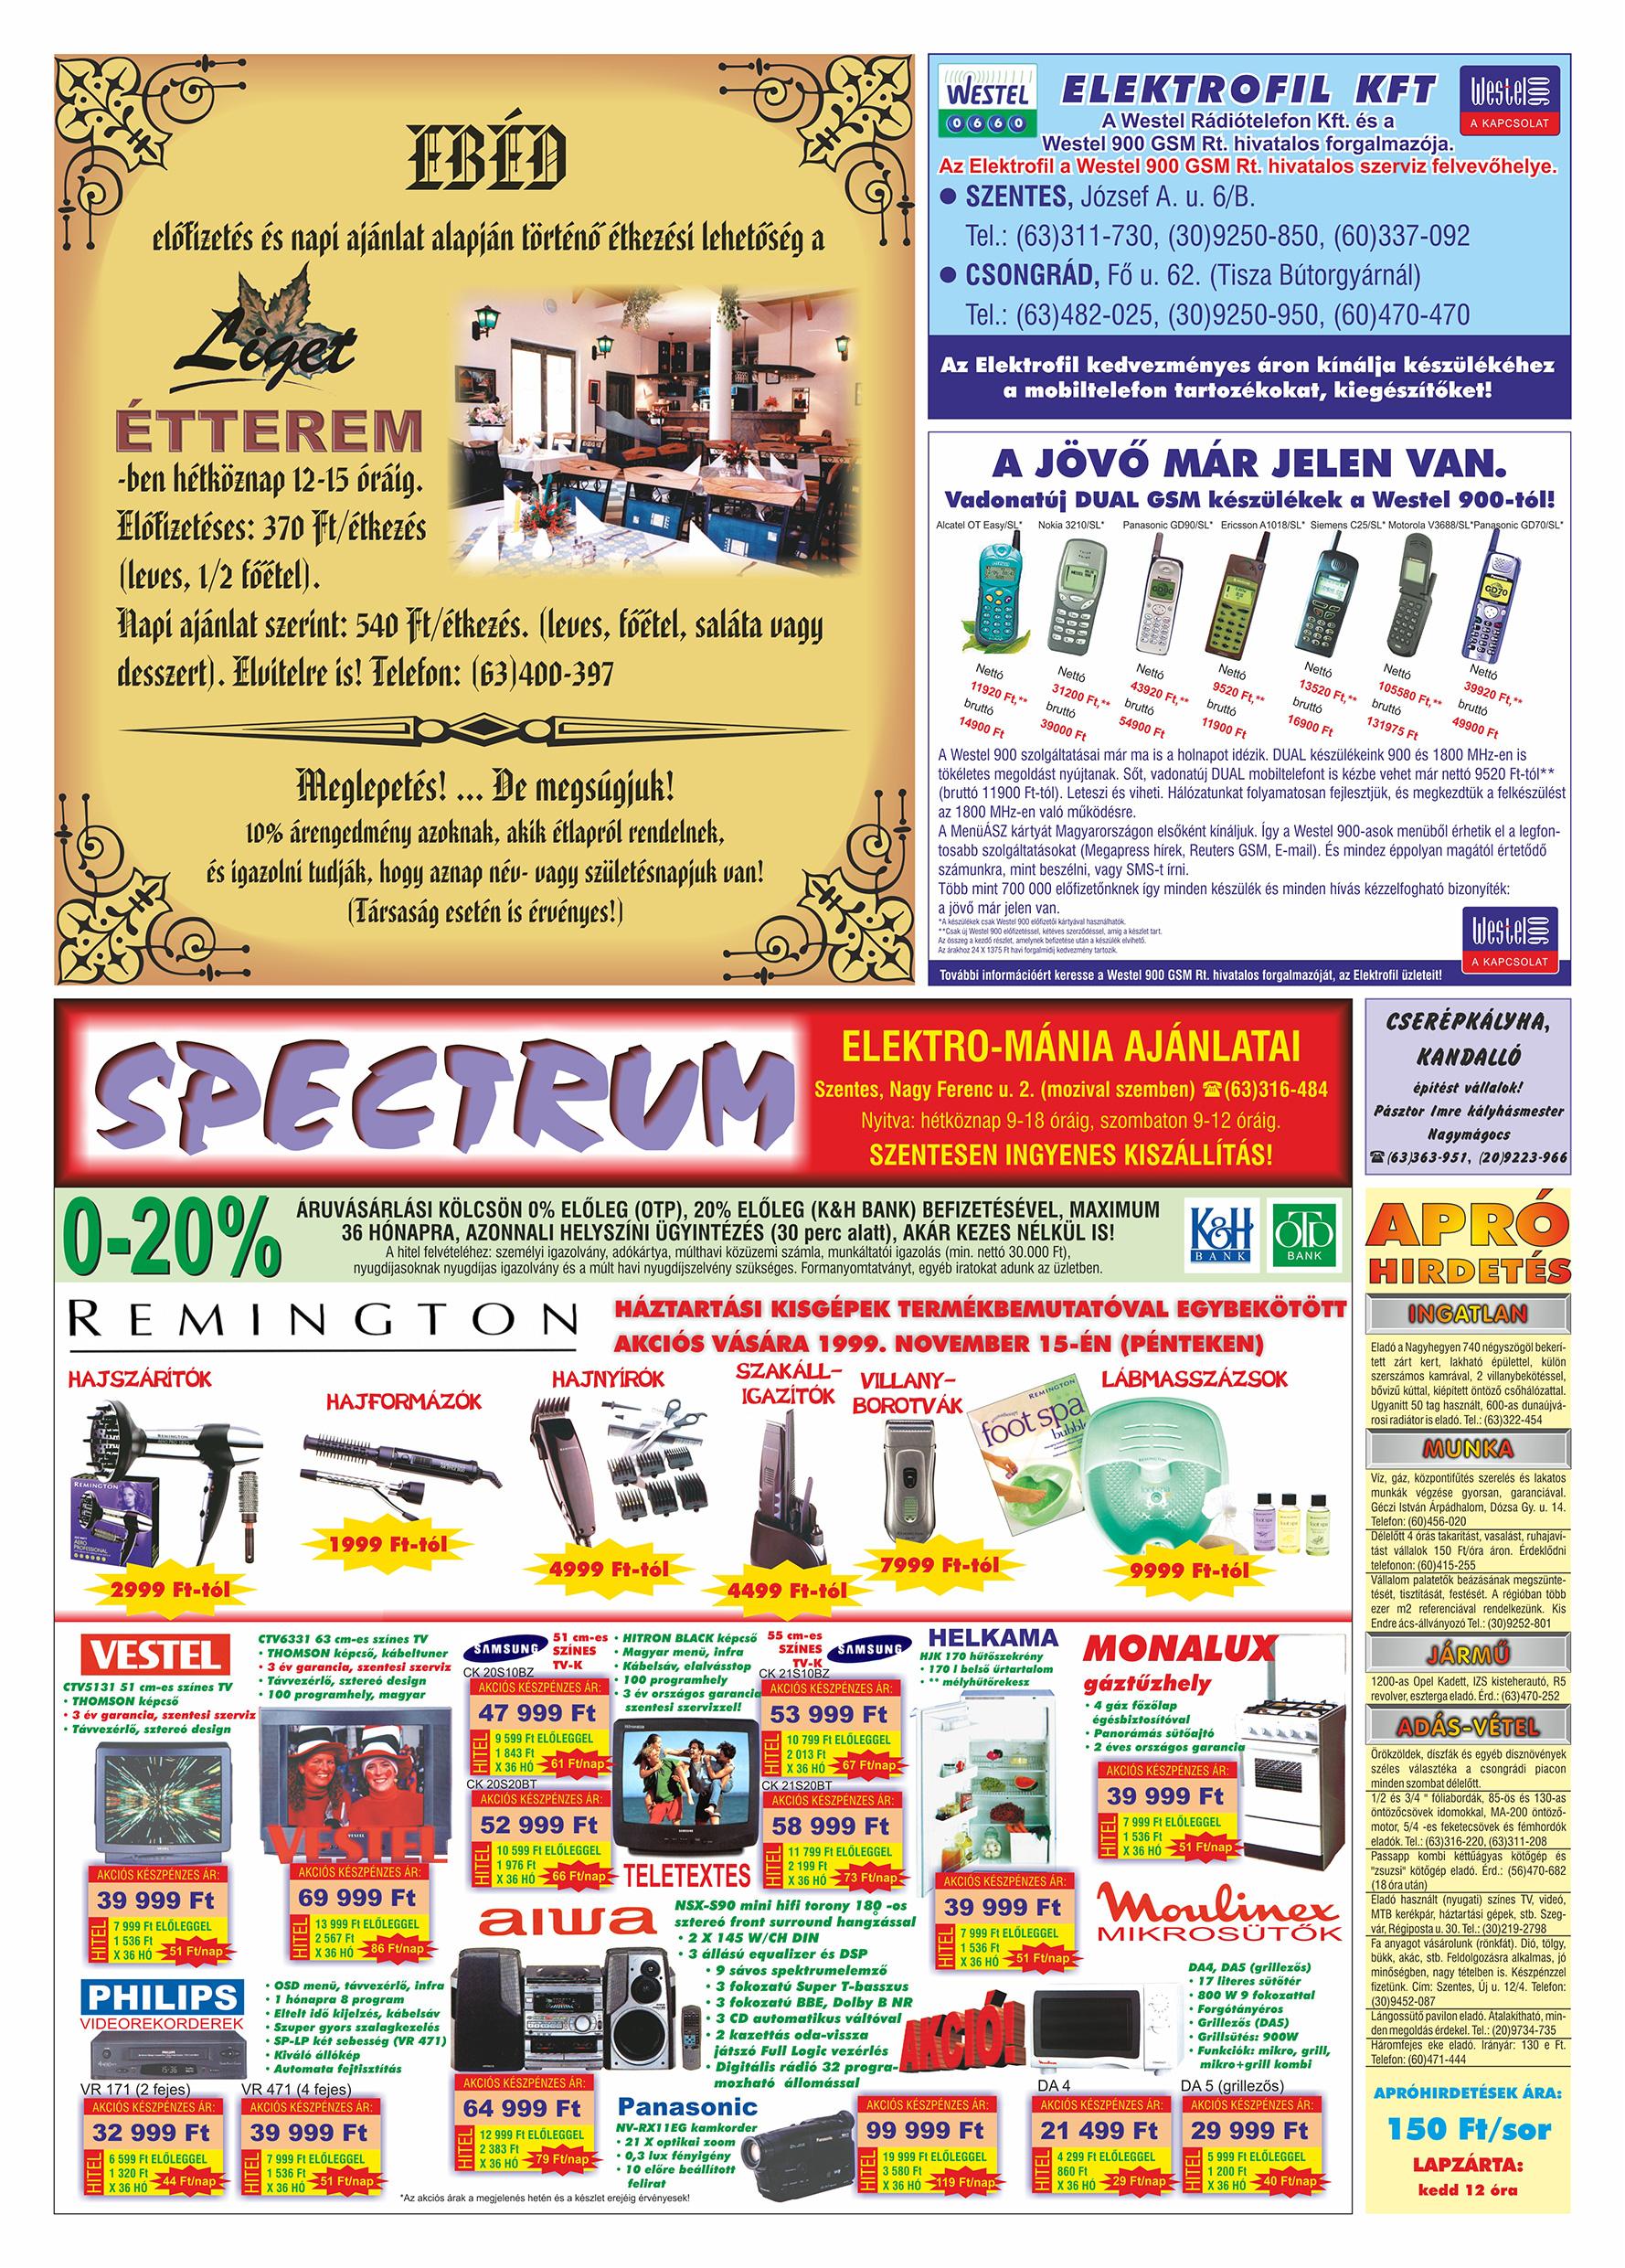 058 Tuti Tipp Extra reklámújság - 19991009-016. lapszám - 2.oldal - V. évfolyam.jpg